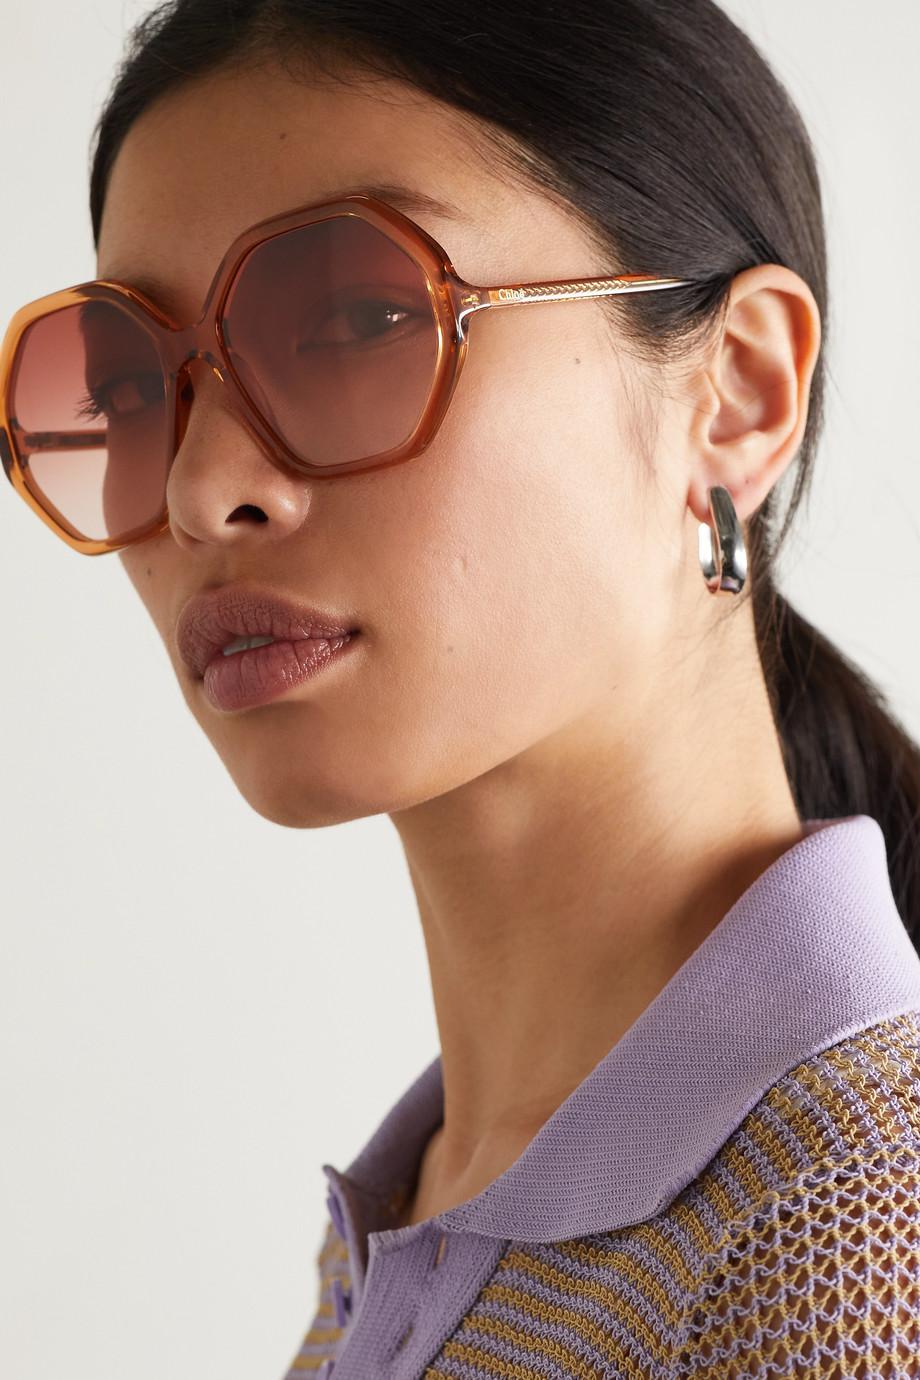 Chloé Esther Sonnenbrille mit achteckigem Rahmen aus Azetat